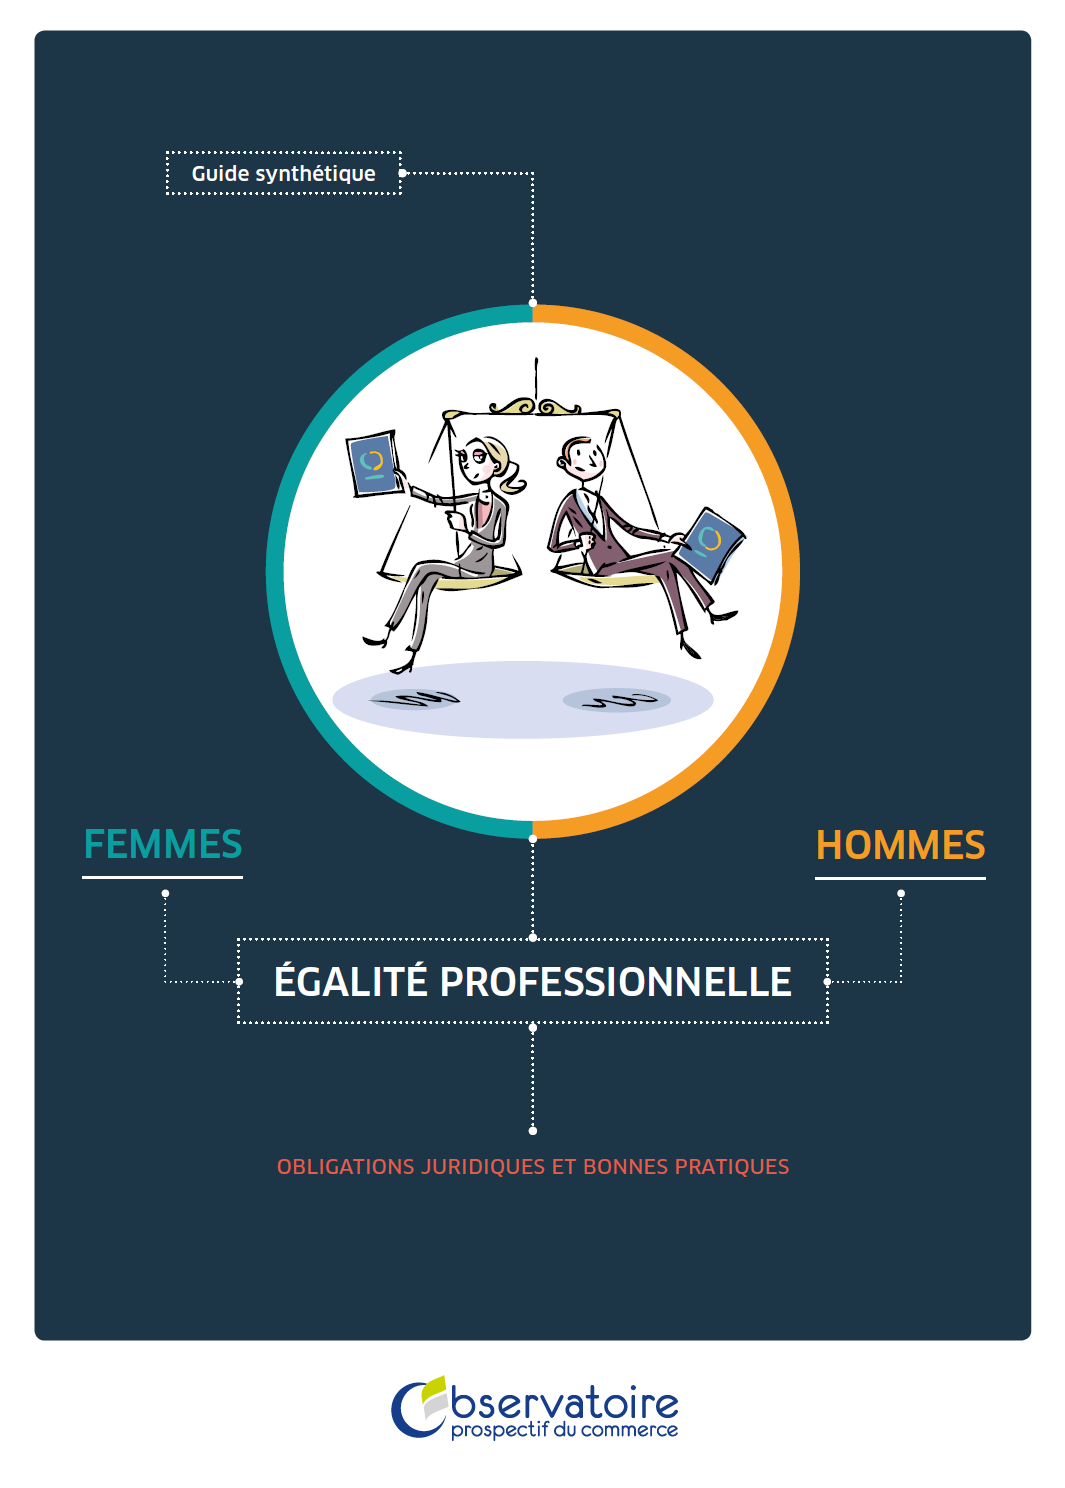 Egalité professionnelle : obligations juridiques et bonnes pratiques